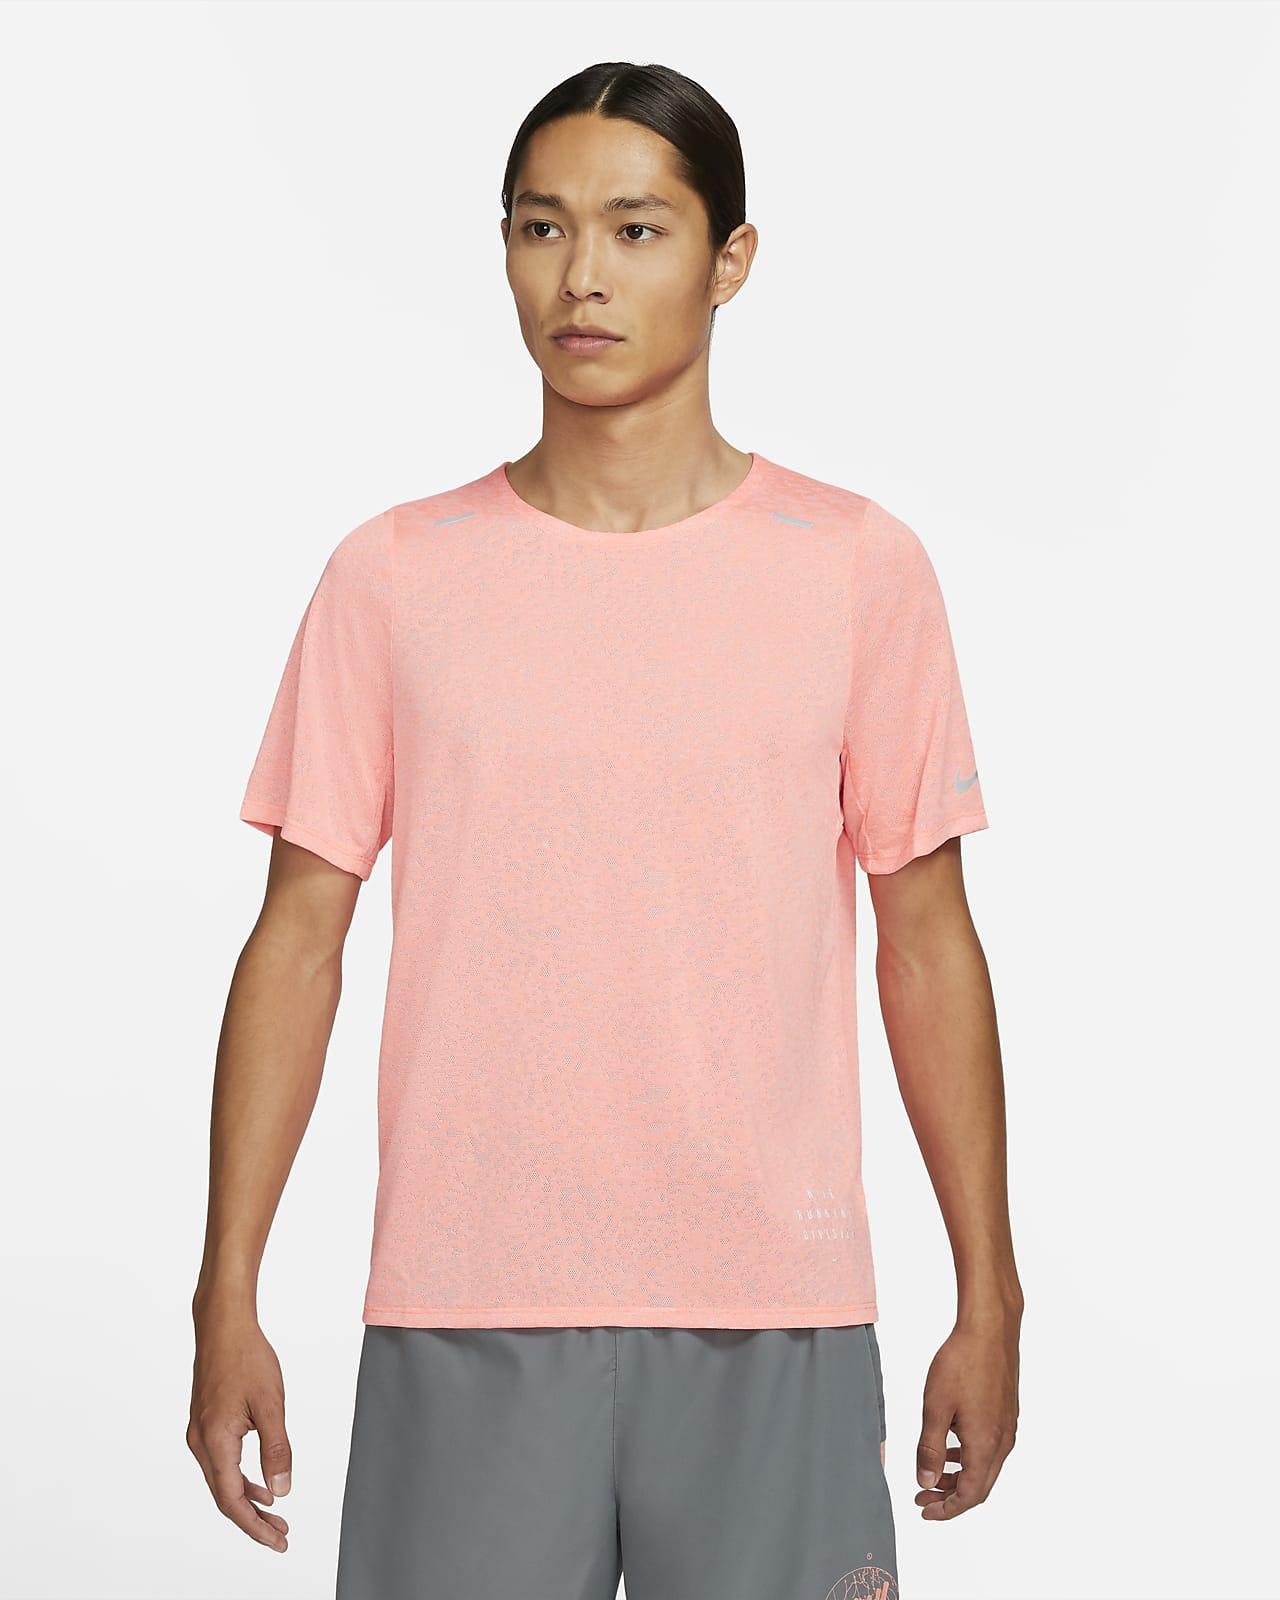 Nike Rise 365 Run Division 男款短袖跑步上衣